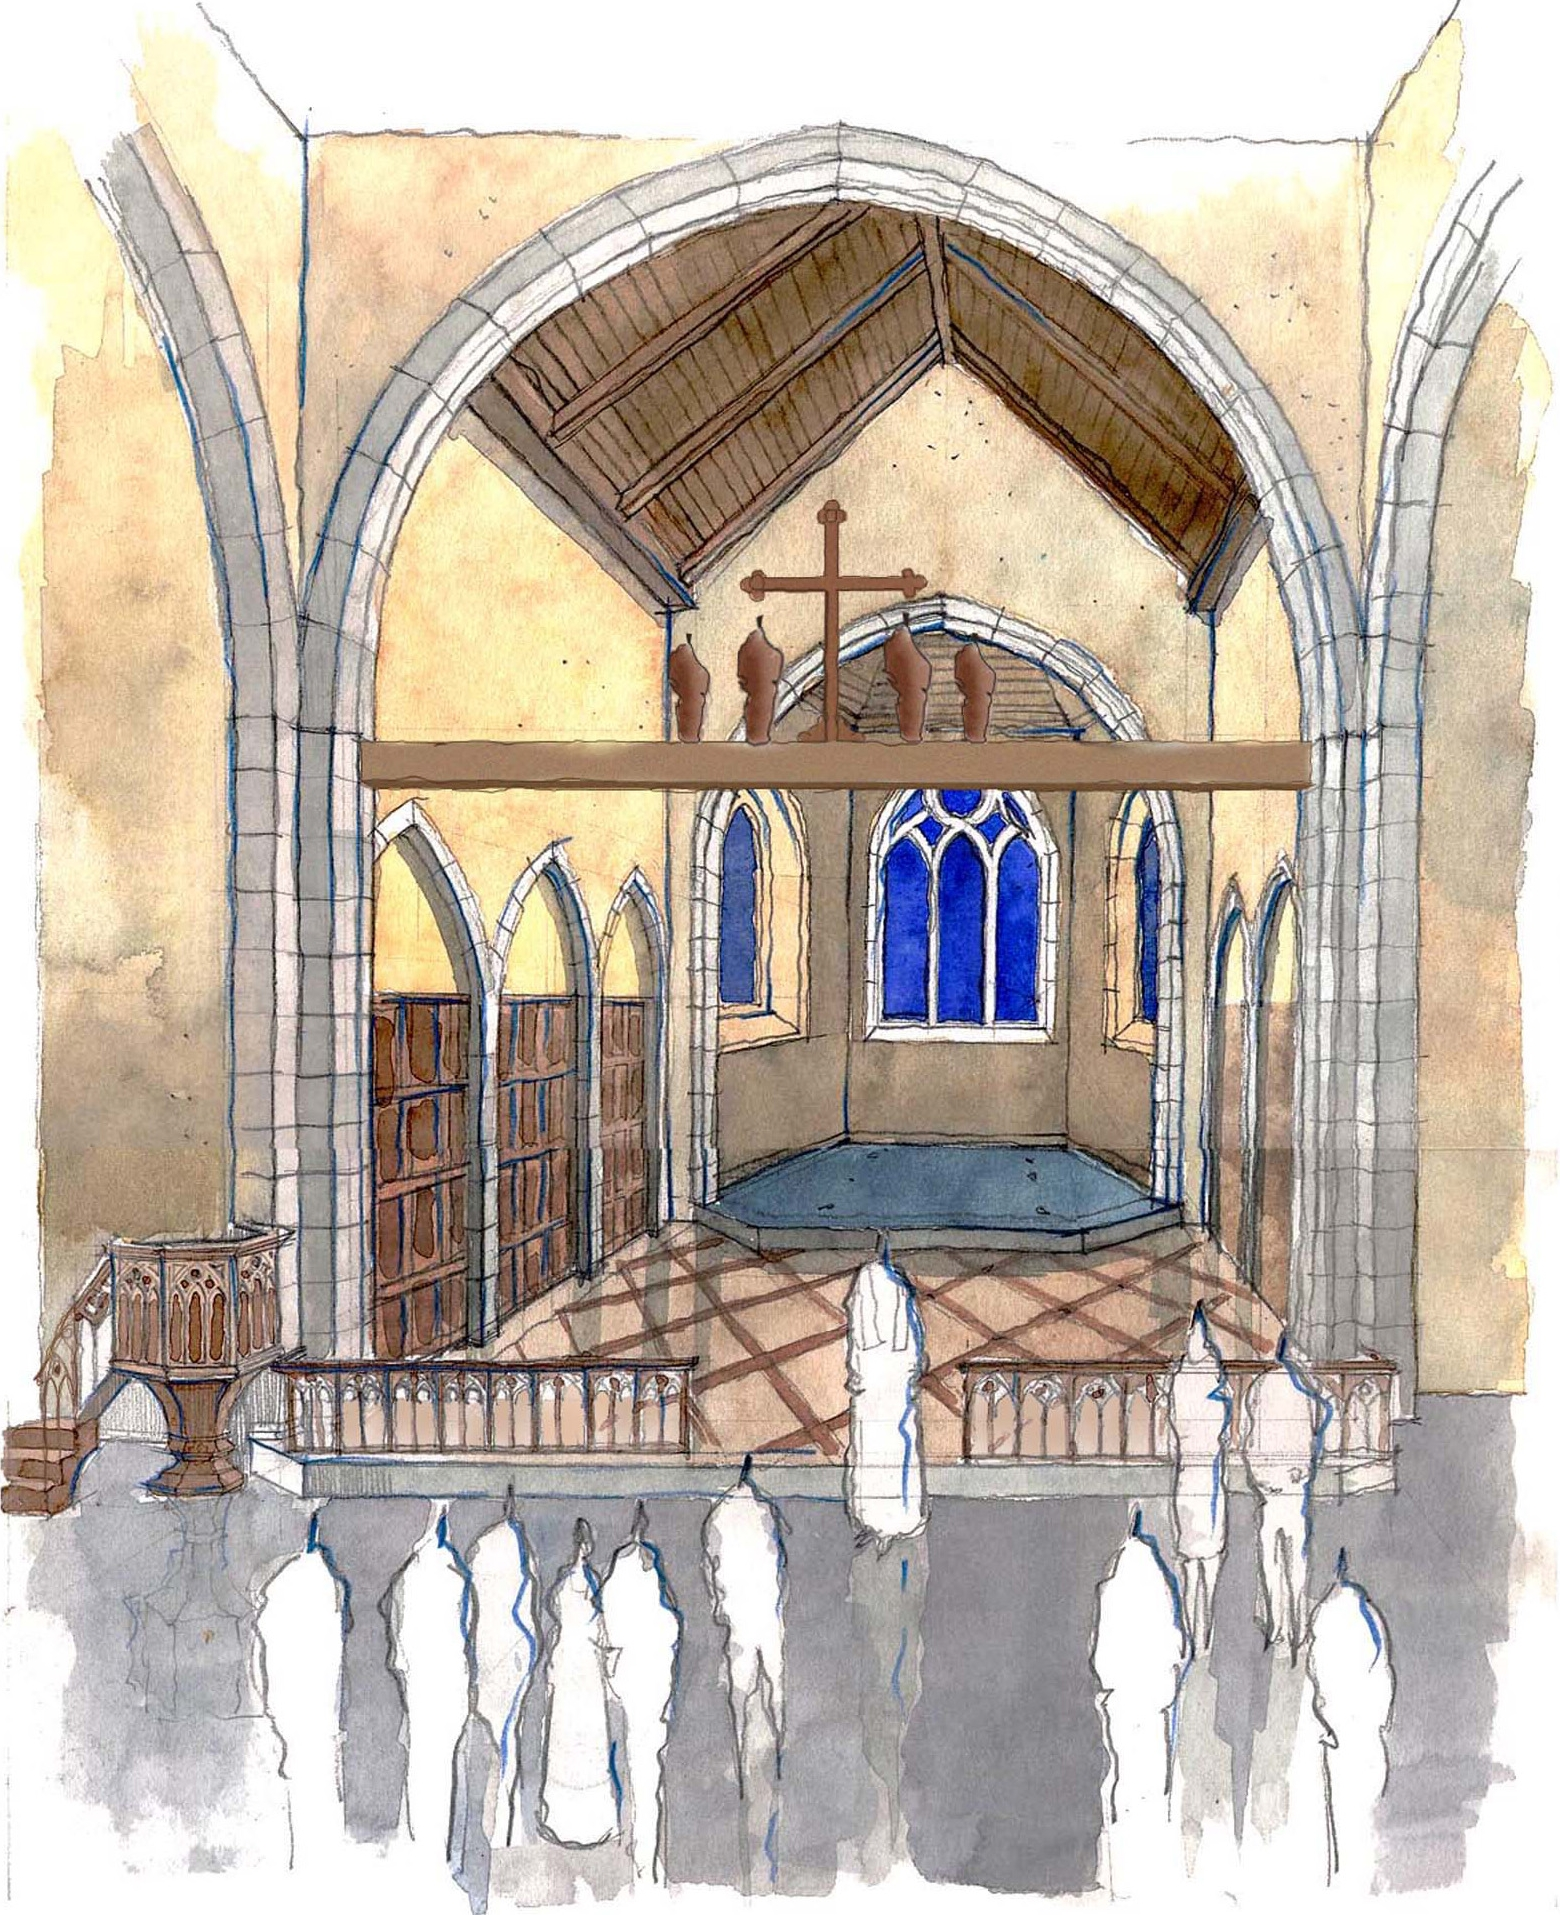 OLW - Sketch Chancel 6x7 300dpi.jpg